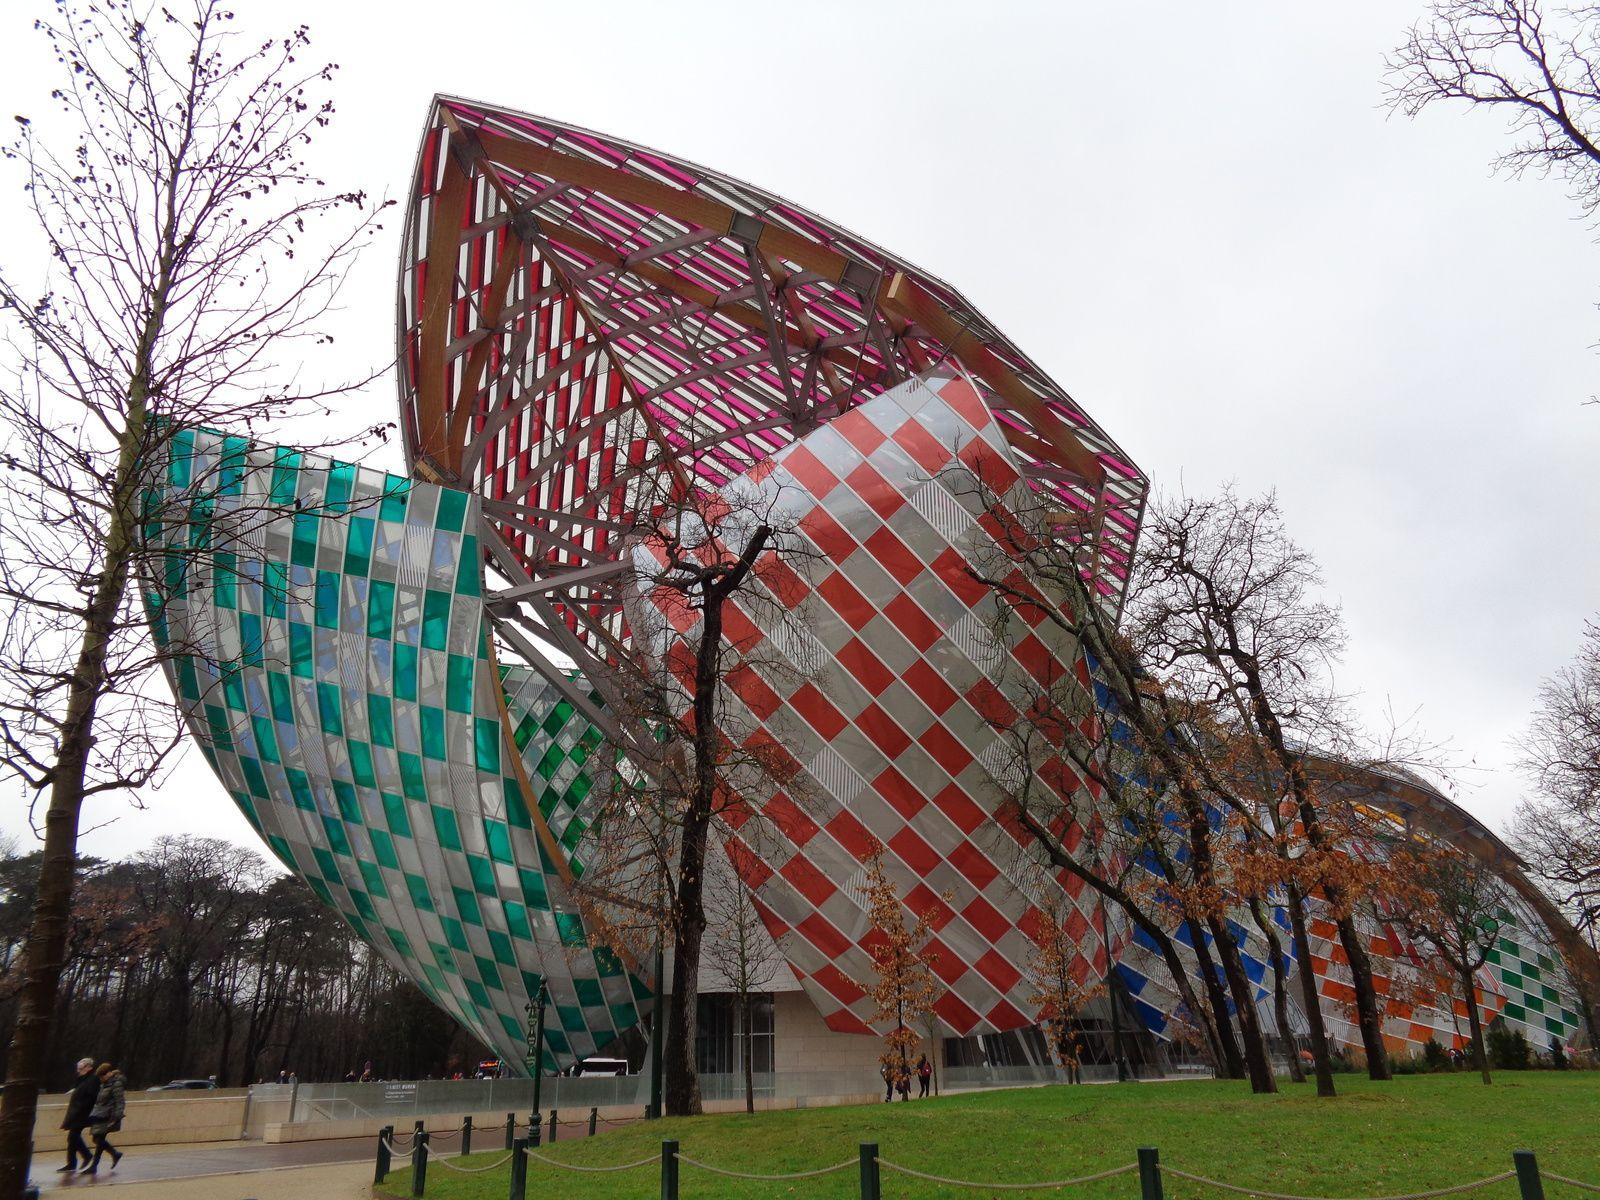 Le bâtiment de la fondation Louis Vuitton